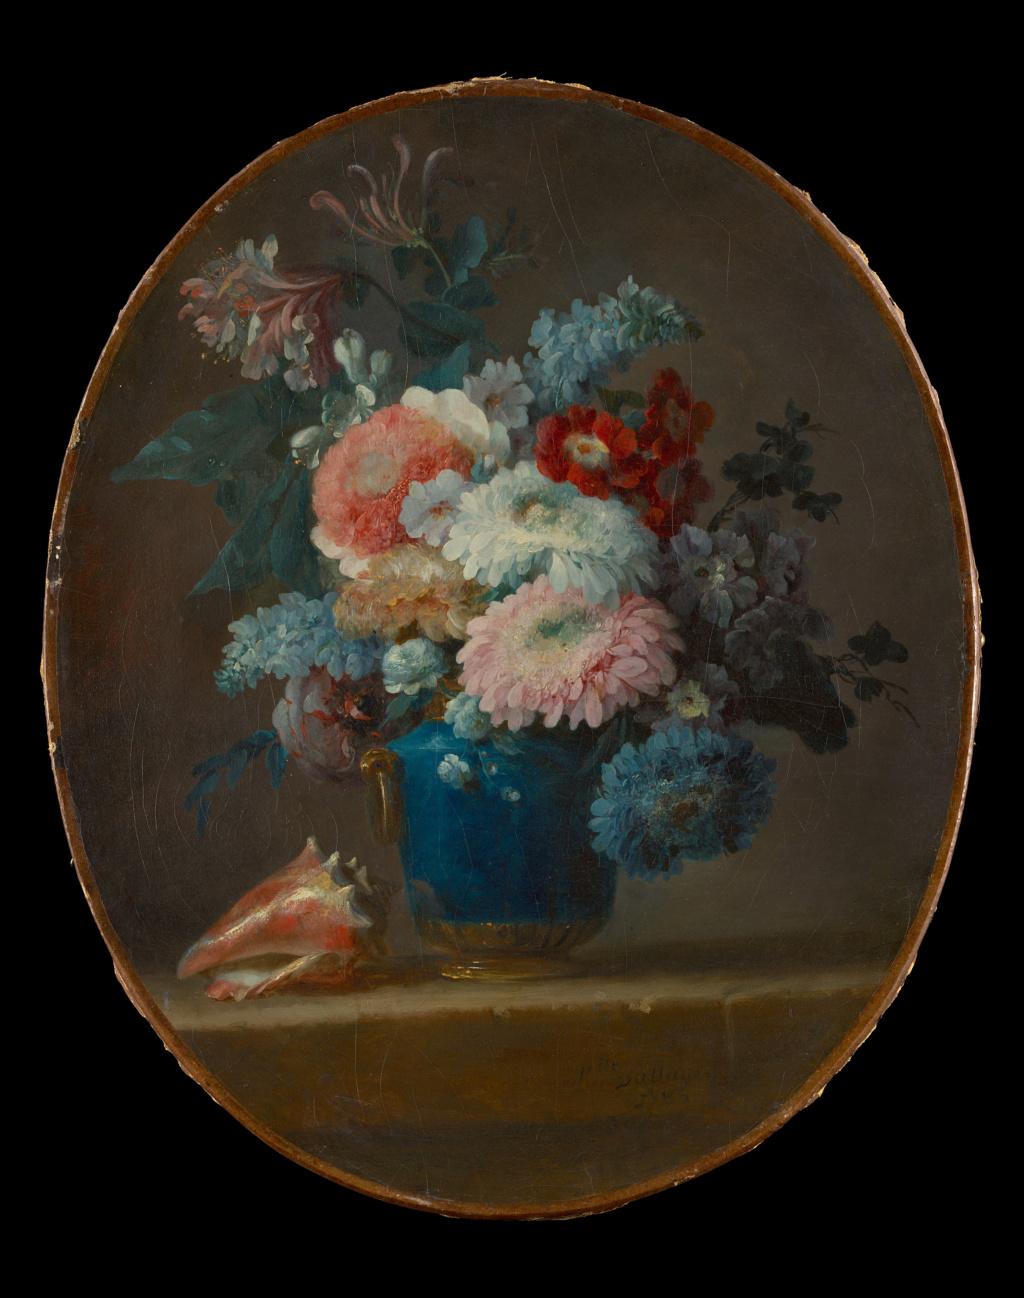 Anne Vallayer-Coster, chef du cabinet de peinture de Marie-Antoinette Vallay10